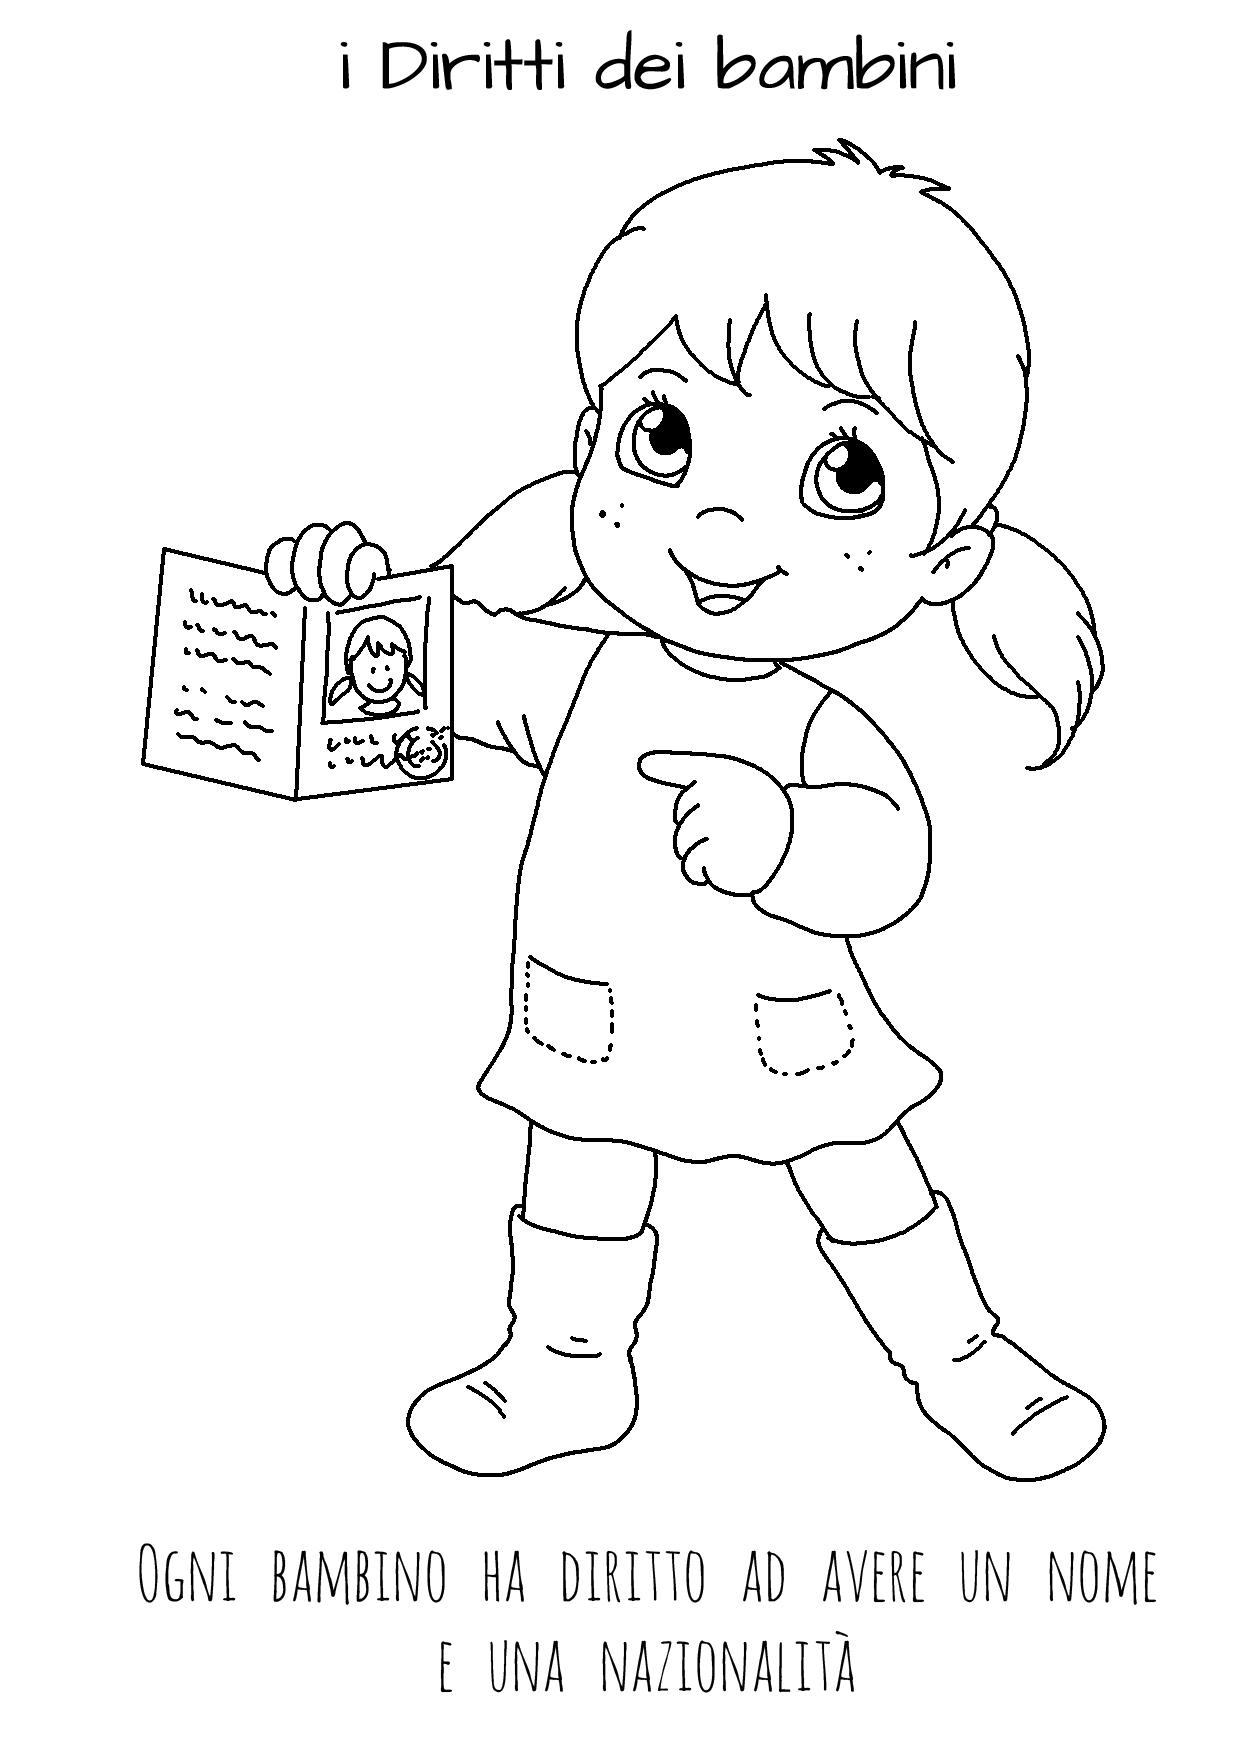 Disegni da colorare sui diritti dei bambini le news di - Disegni di casa da colorare per bambini ...